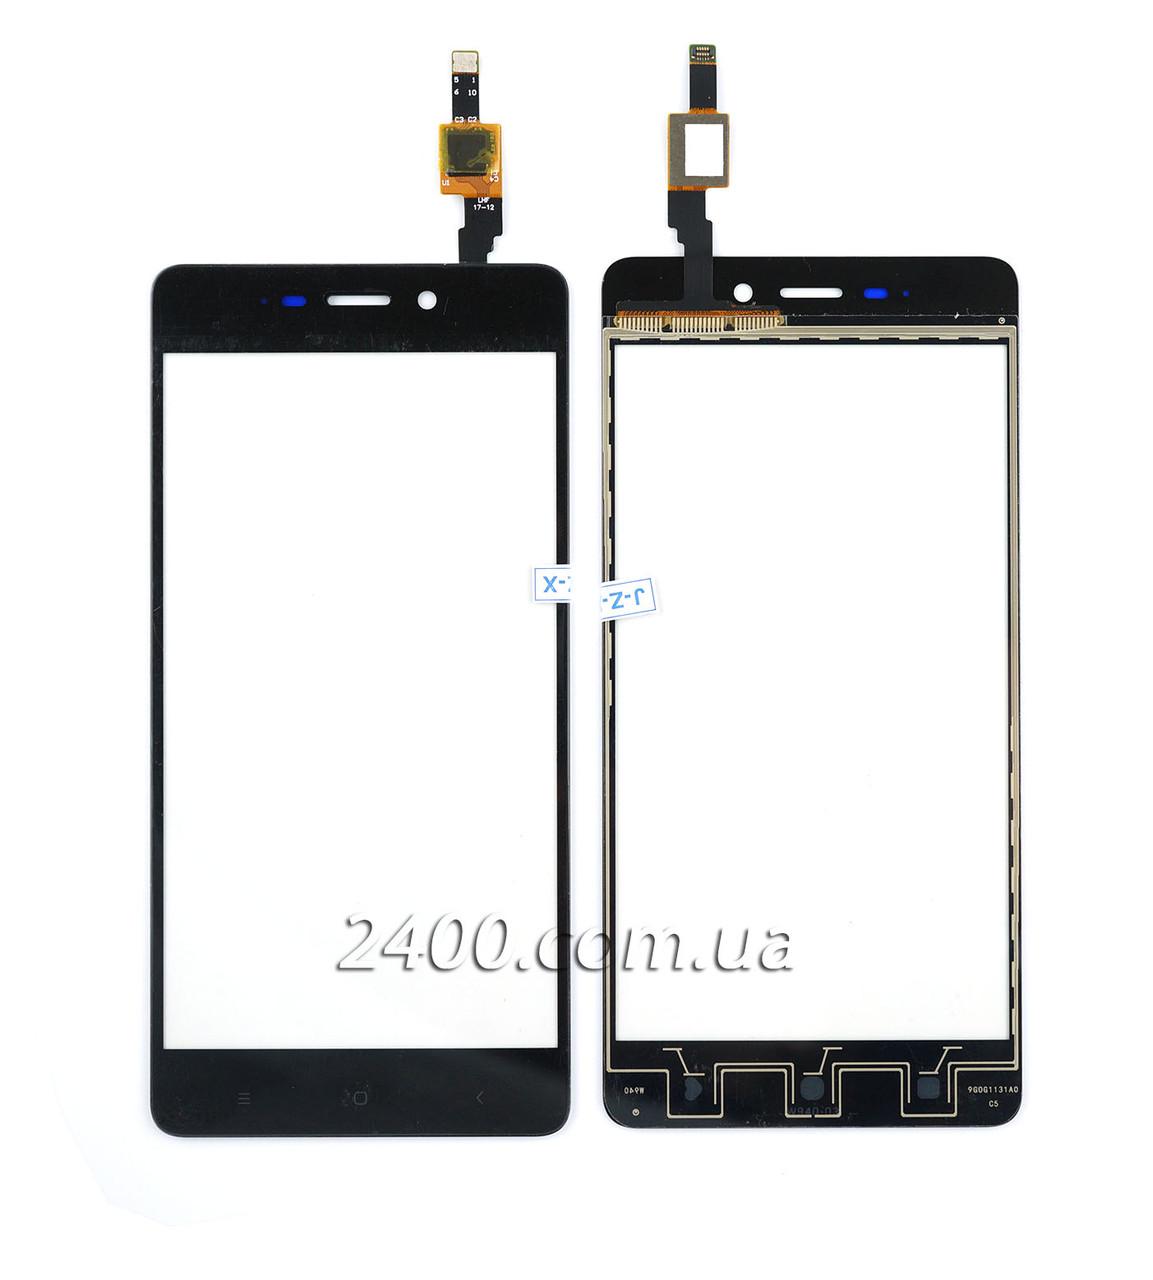 Тачскрін (сенсор) Xiaomi Redmi 4 - touchscreen для телефонів Xiaomi Redmi4 (Ксіомі Редмі 4) чорний (black)